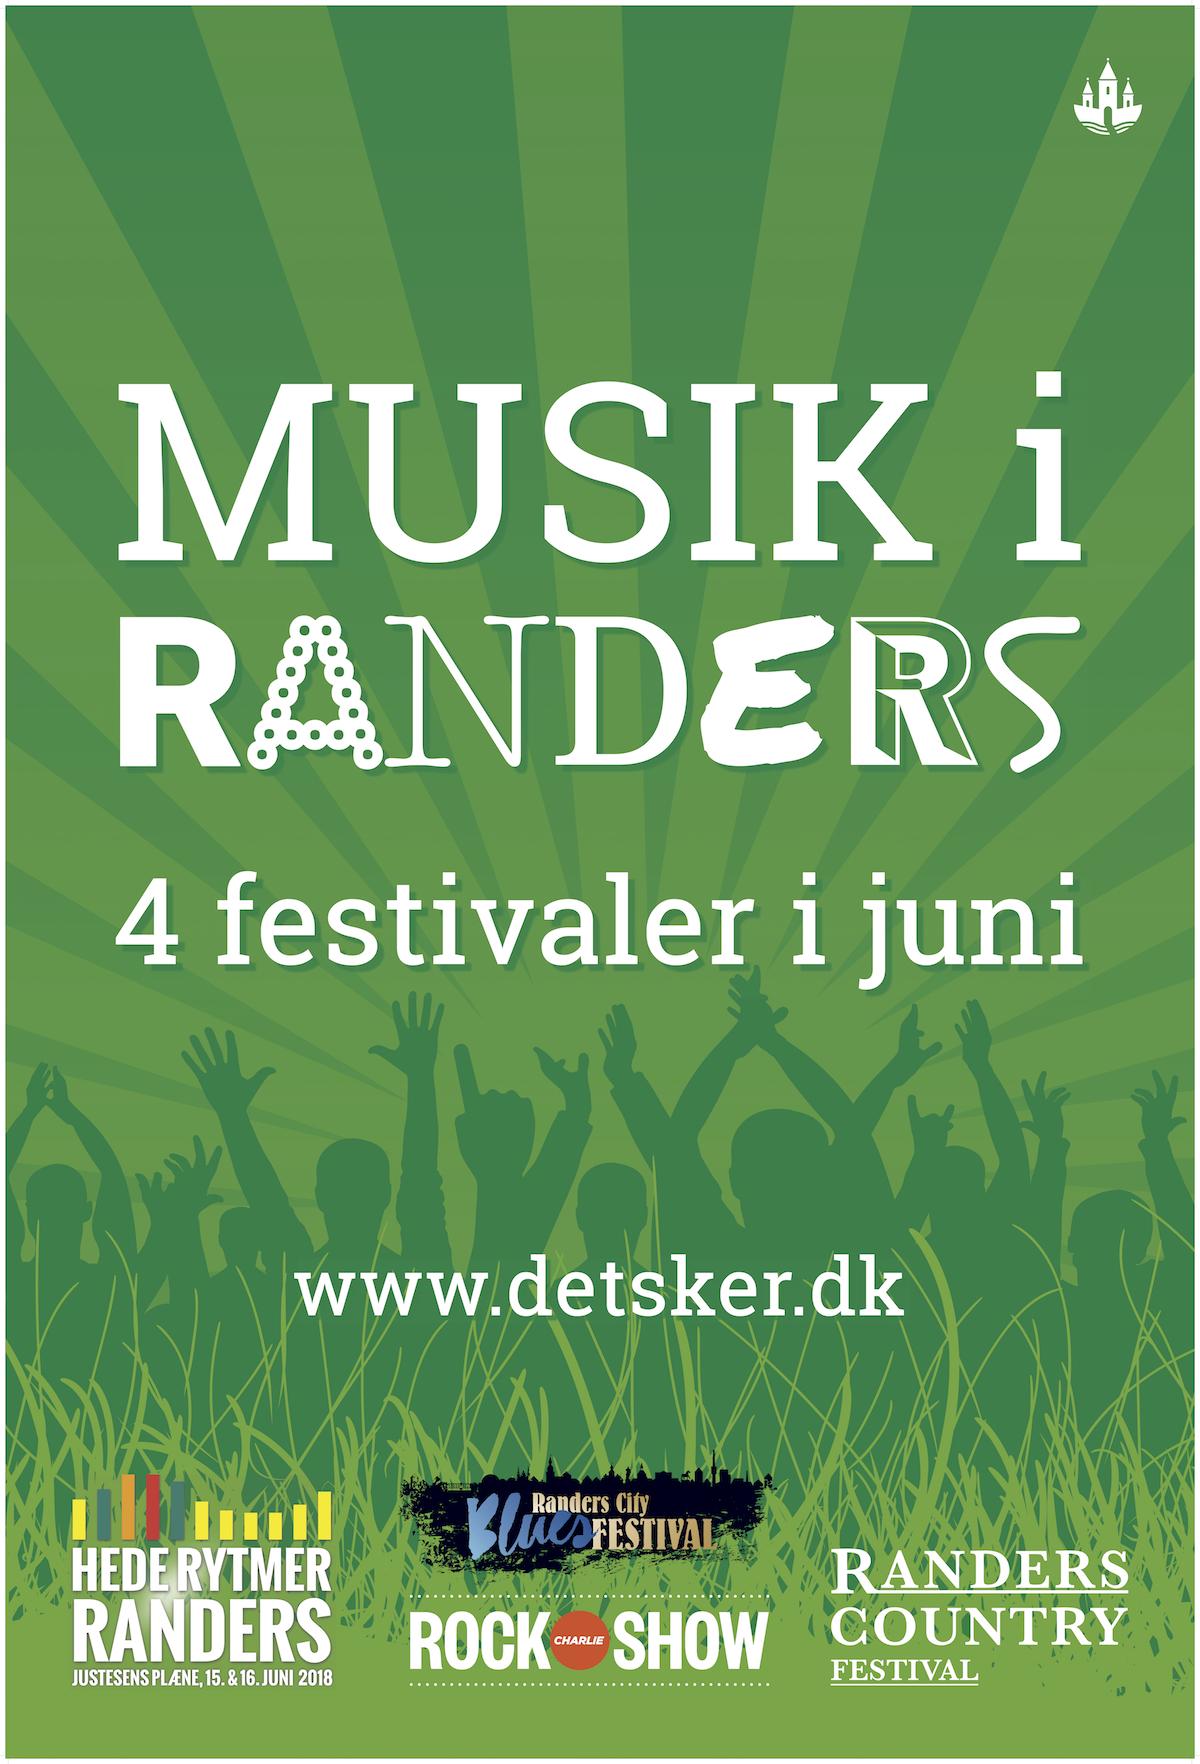 Festivaler i Randers